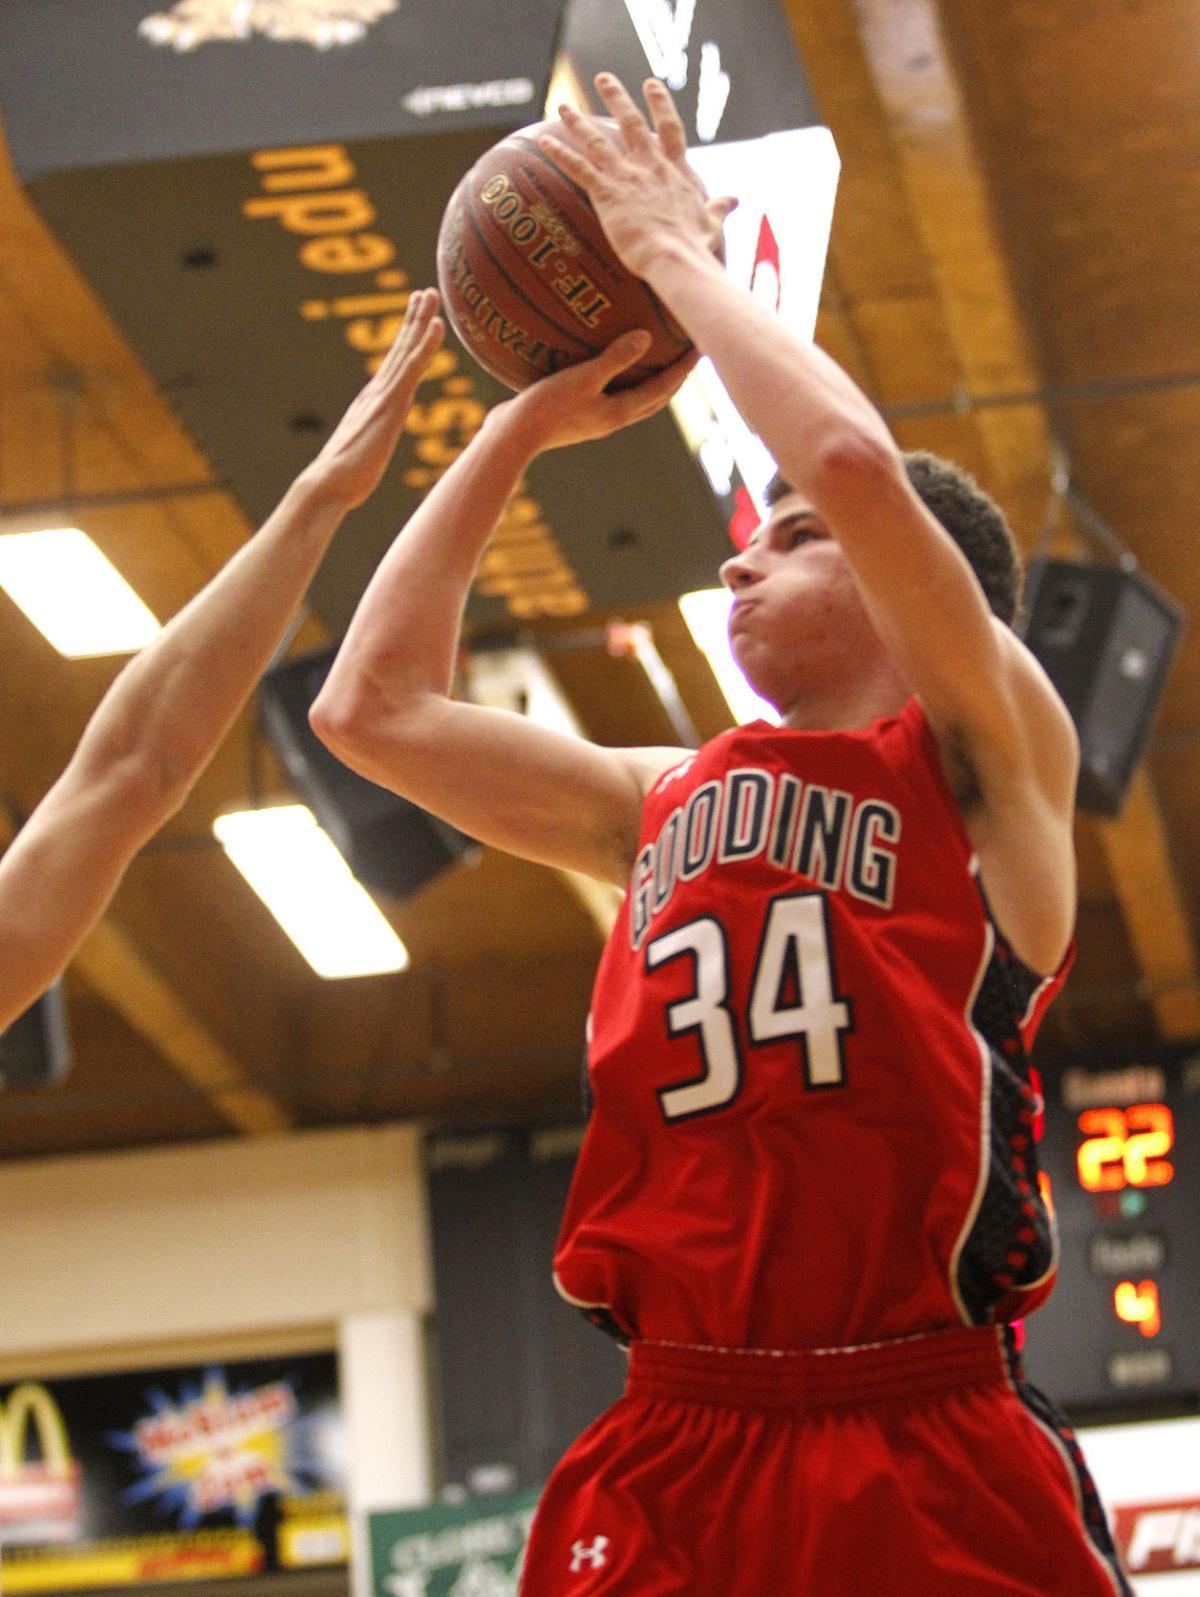 Boys Basketball - Gooding Vs. Buhl